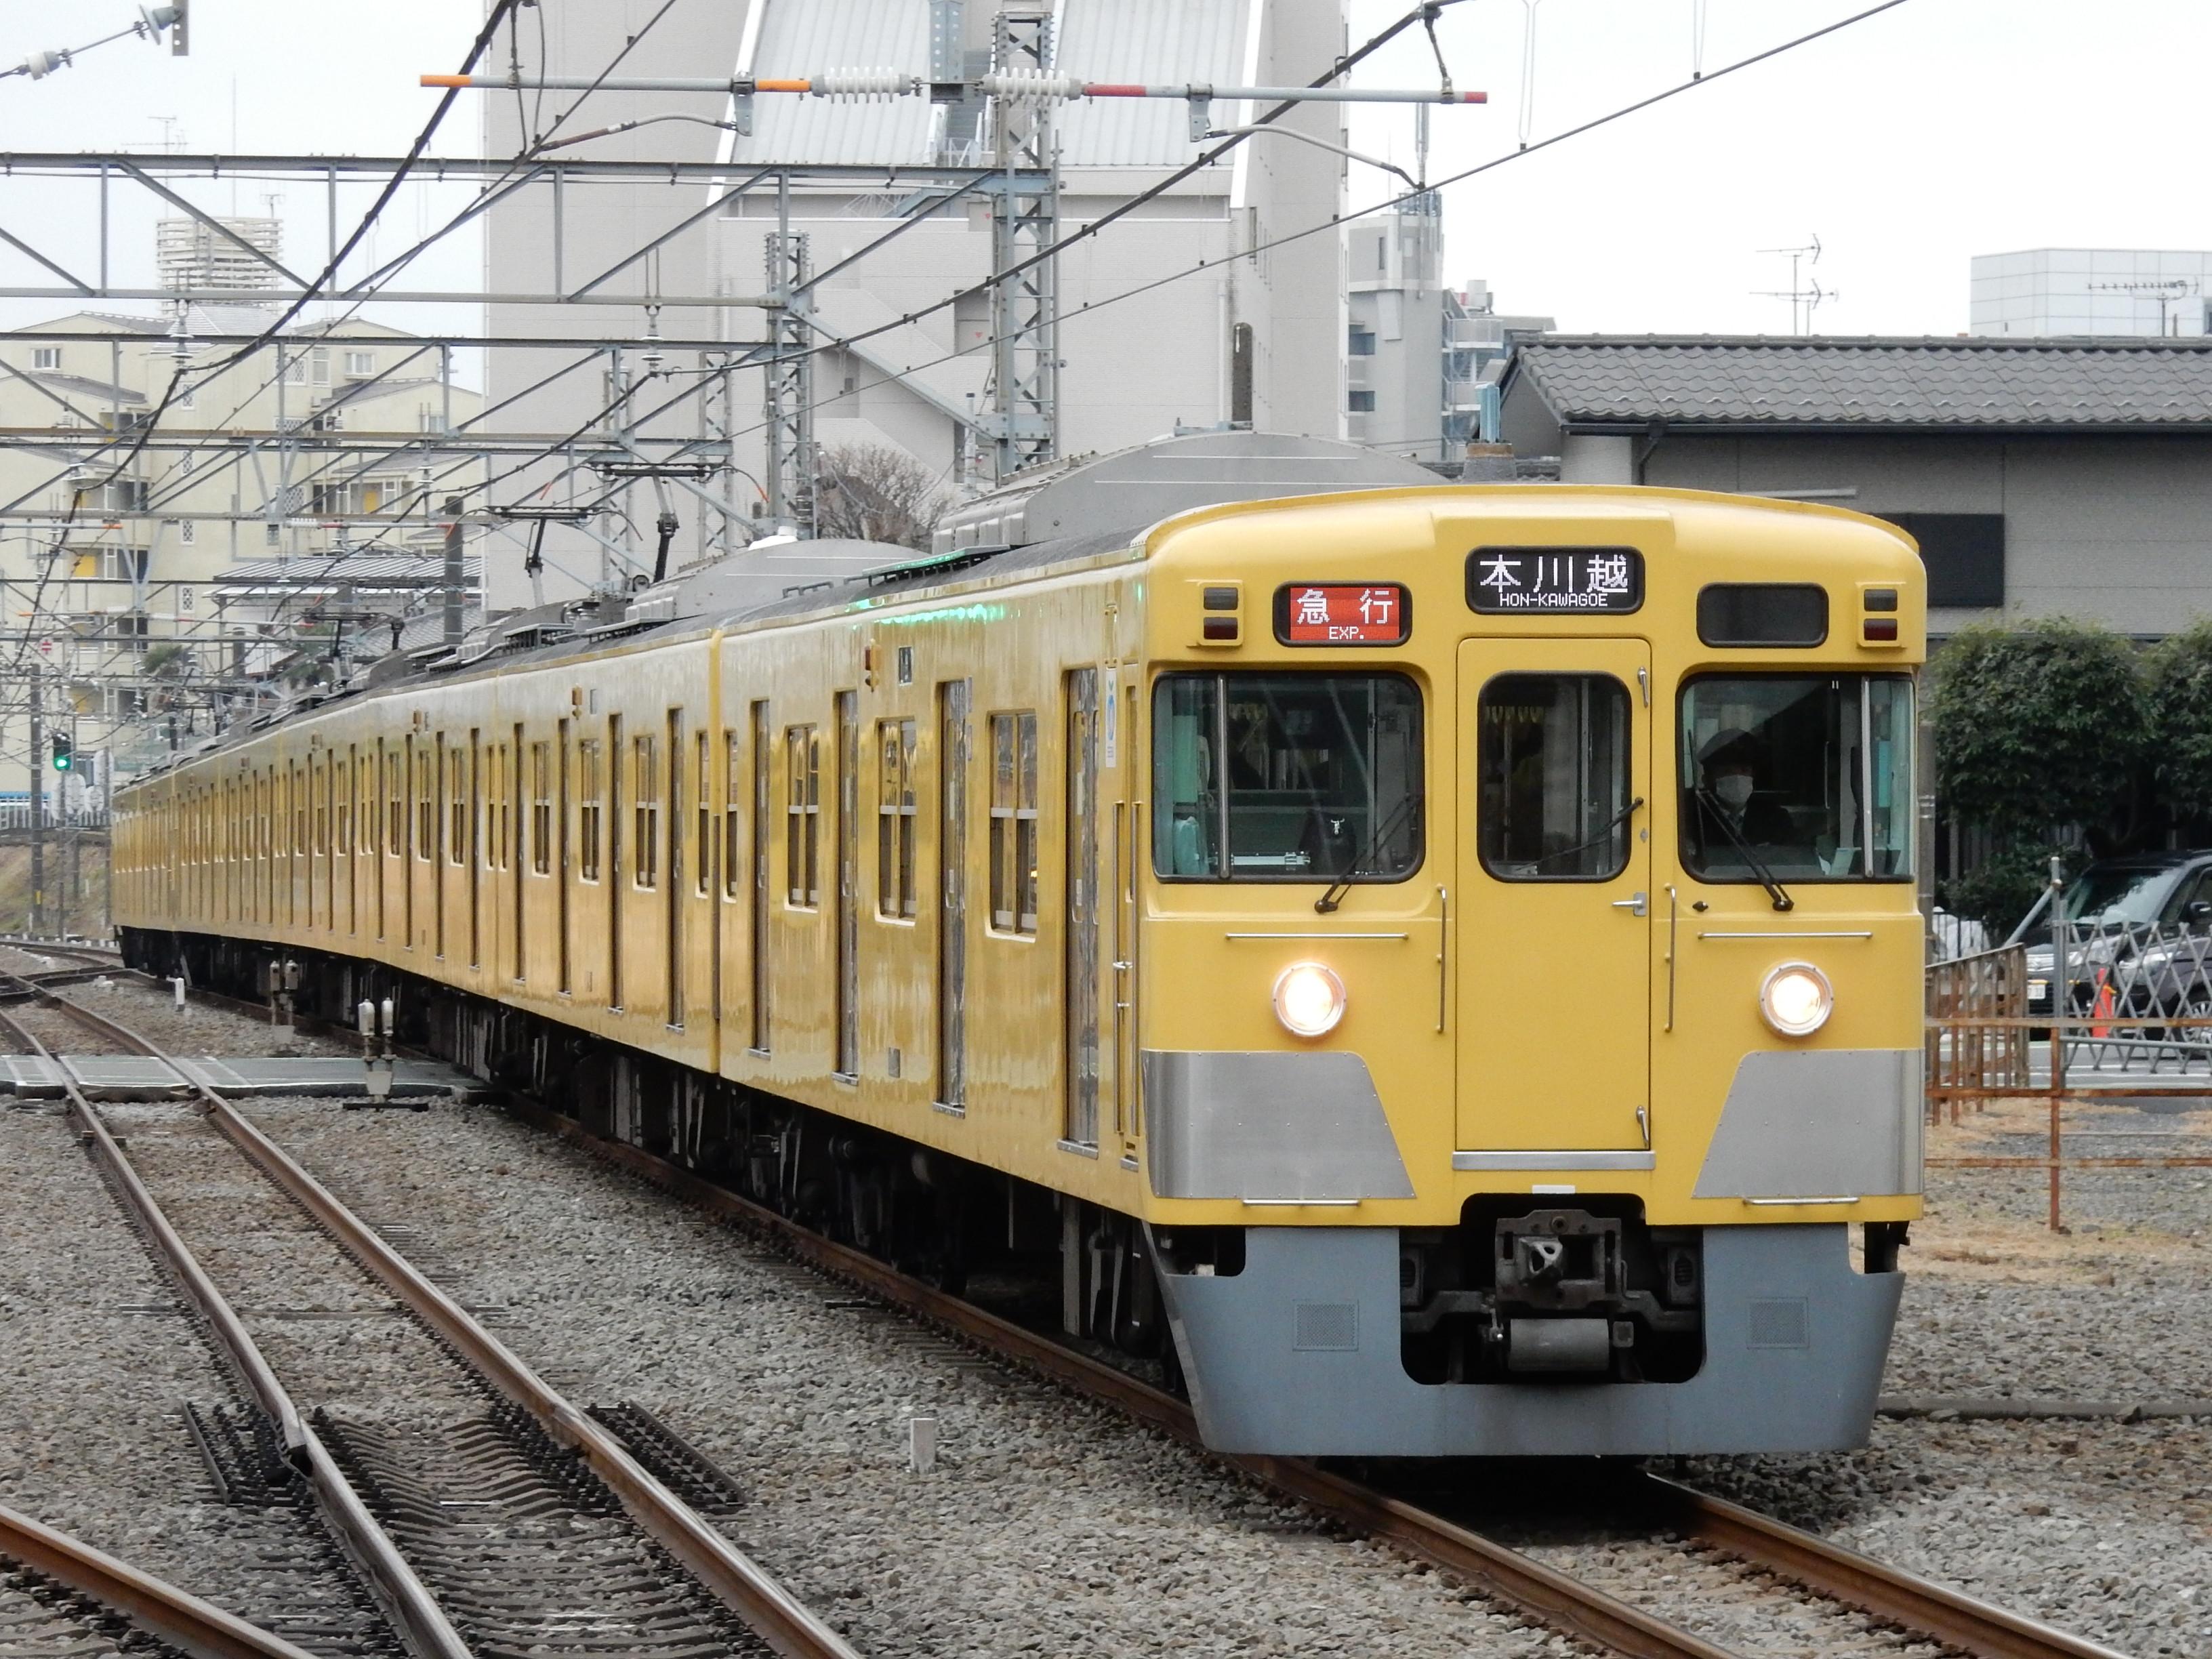 DSCN1809.jpg